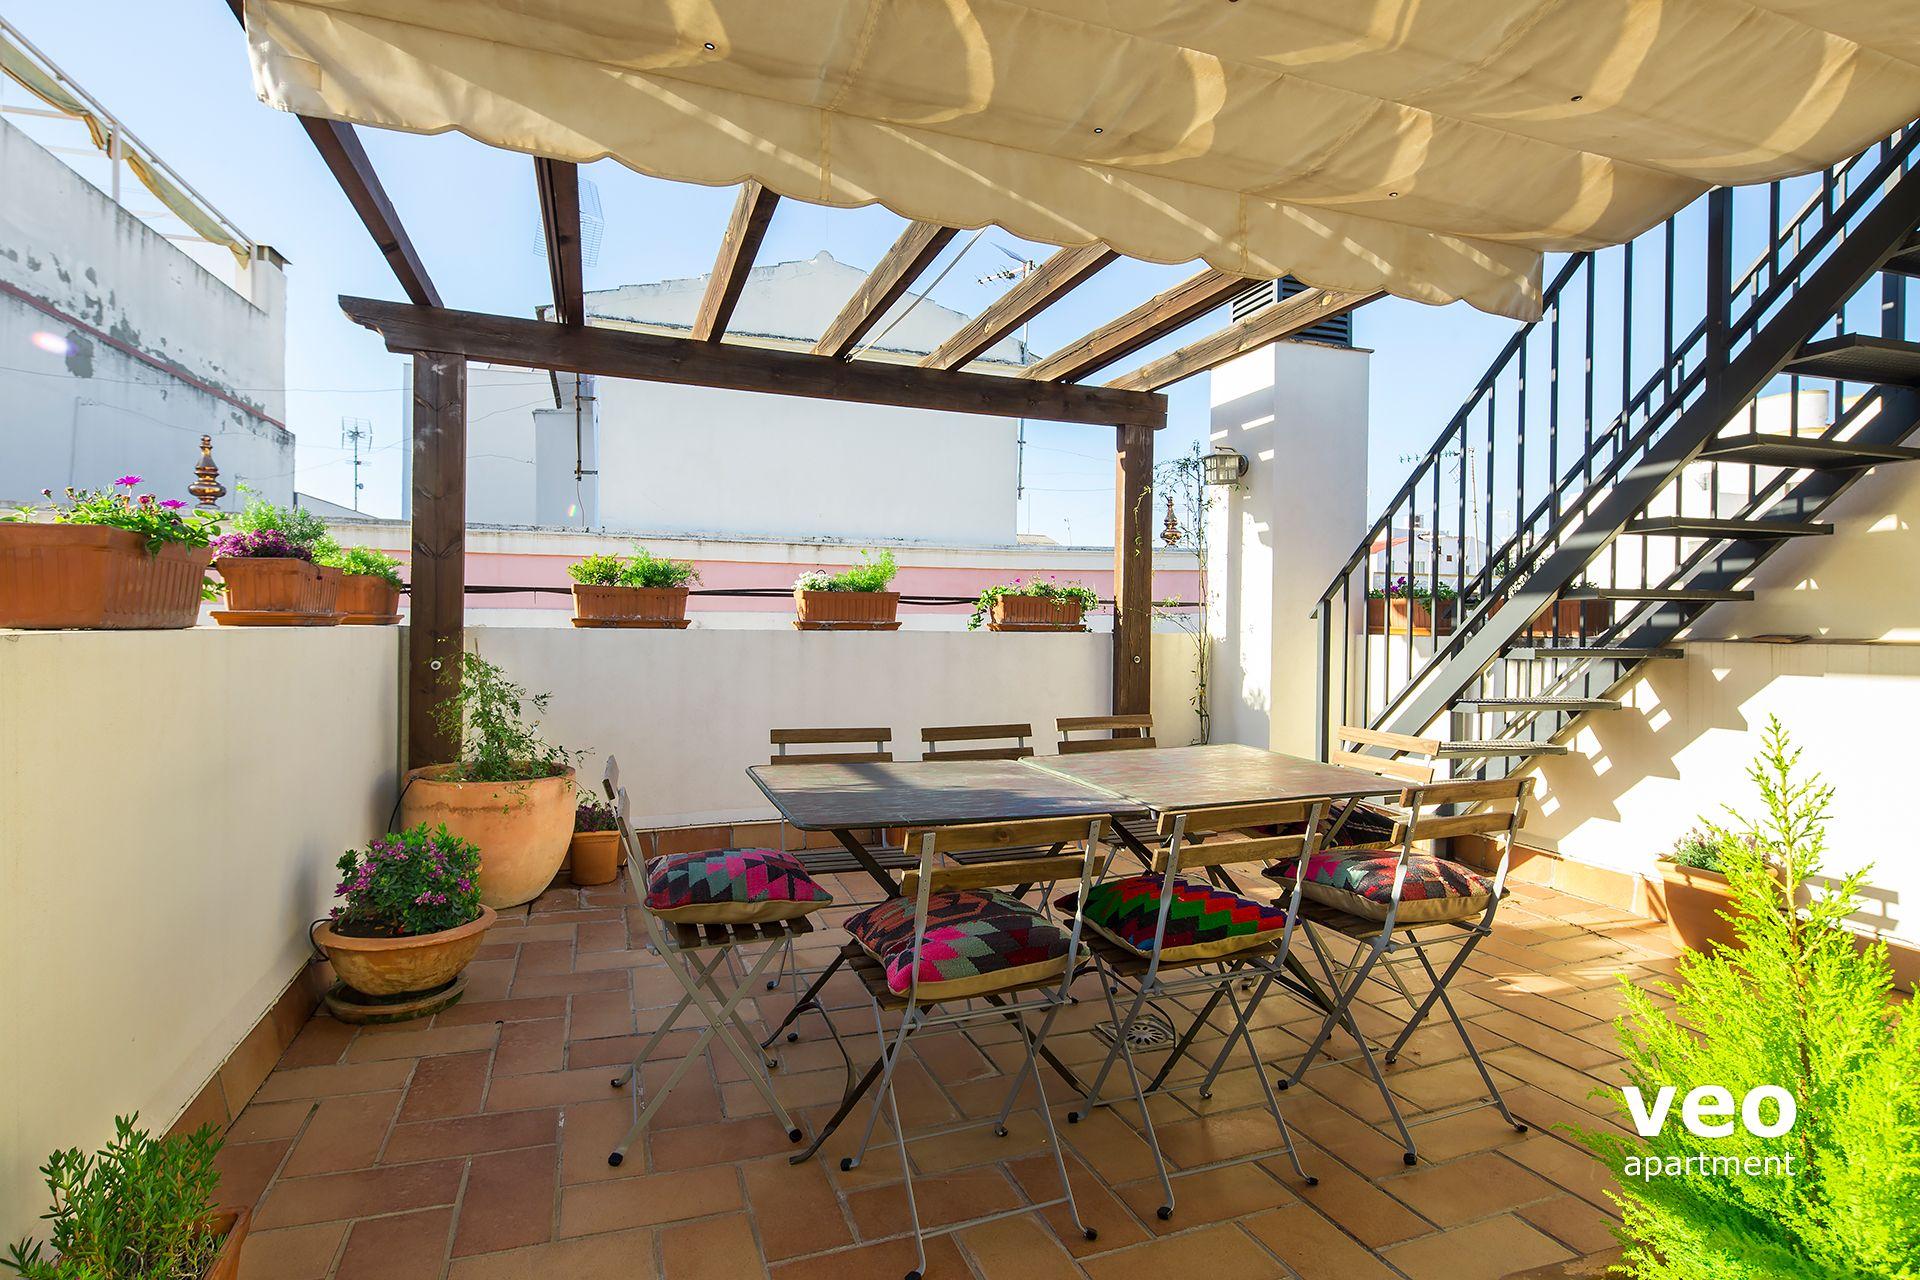 Granada apartmento calle rodo granada espa a arenal for Terraza del apartamento